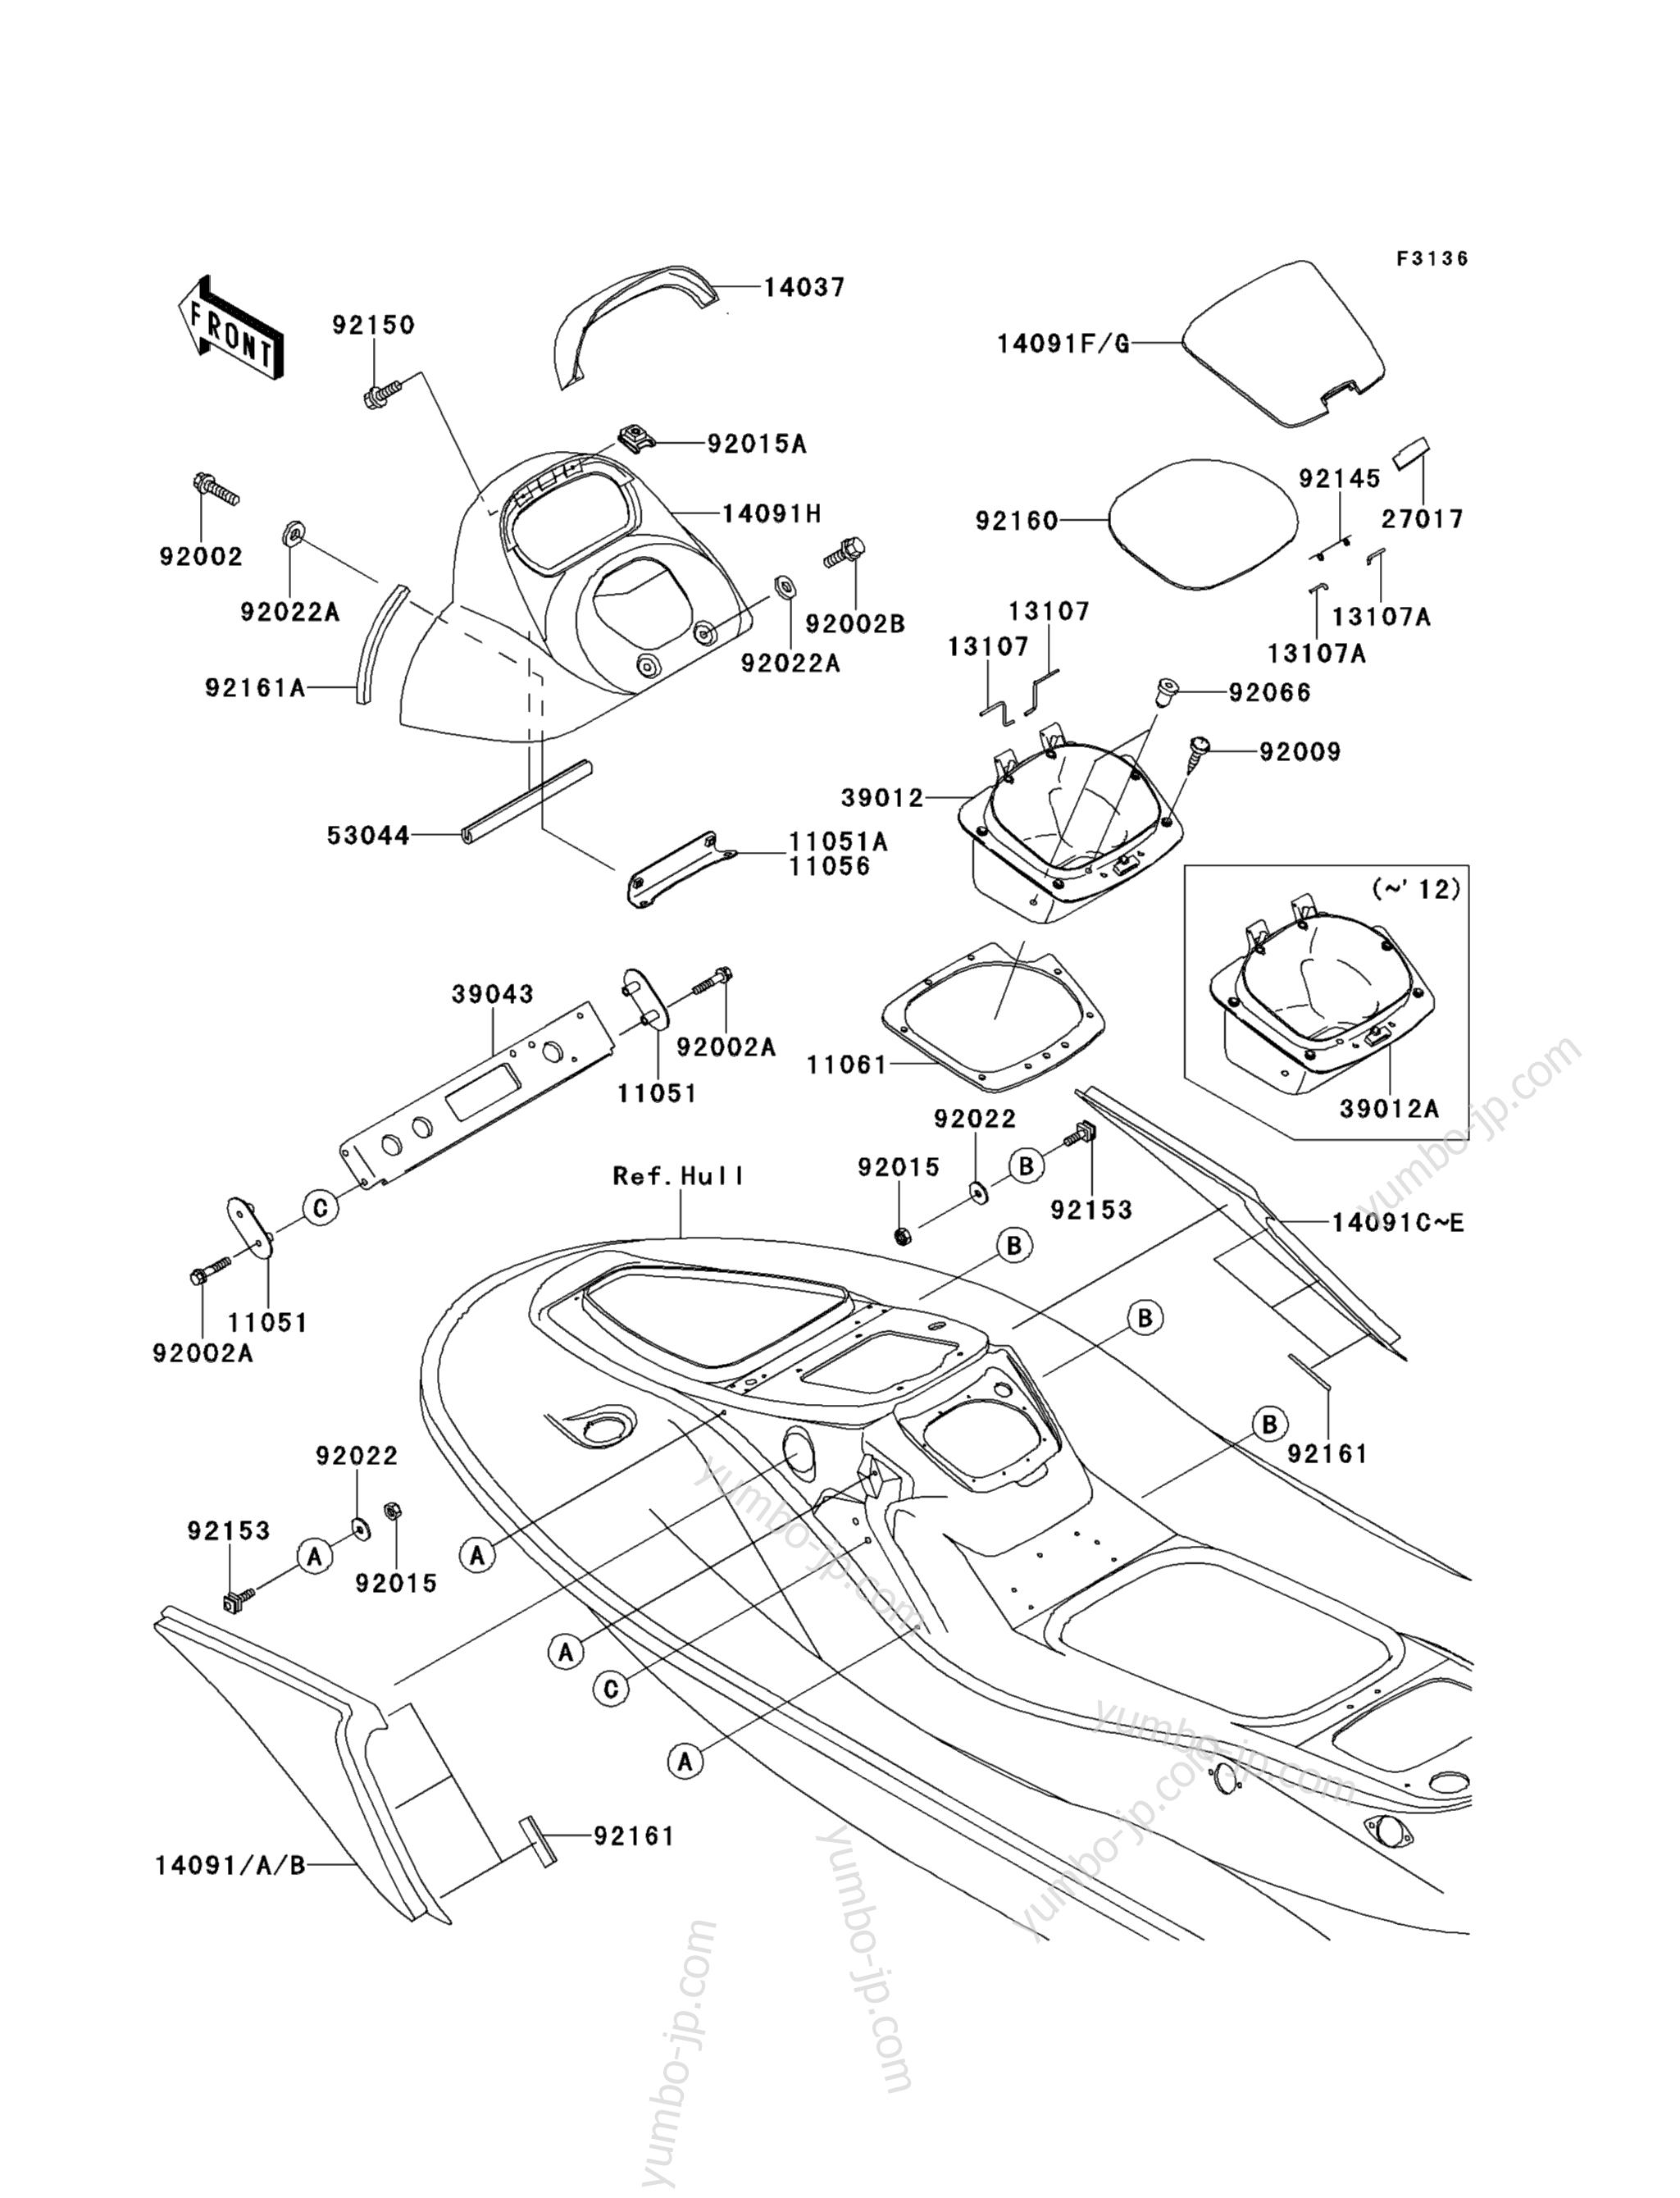 Hull Middle Fittings для гидроциклов KAWASAKI JET SKI STX-15F (JT1500ADF) 2013 г.